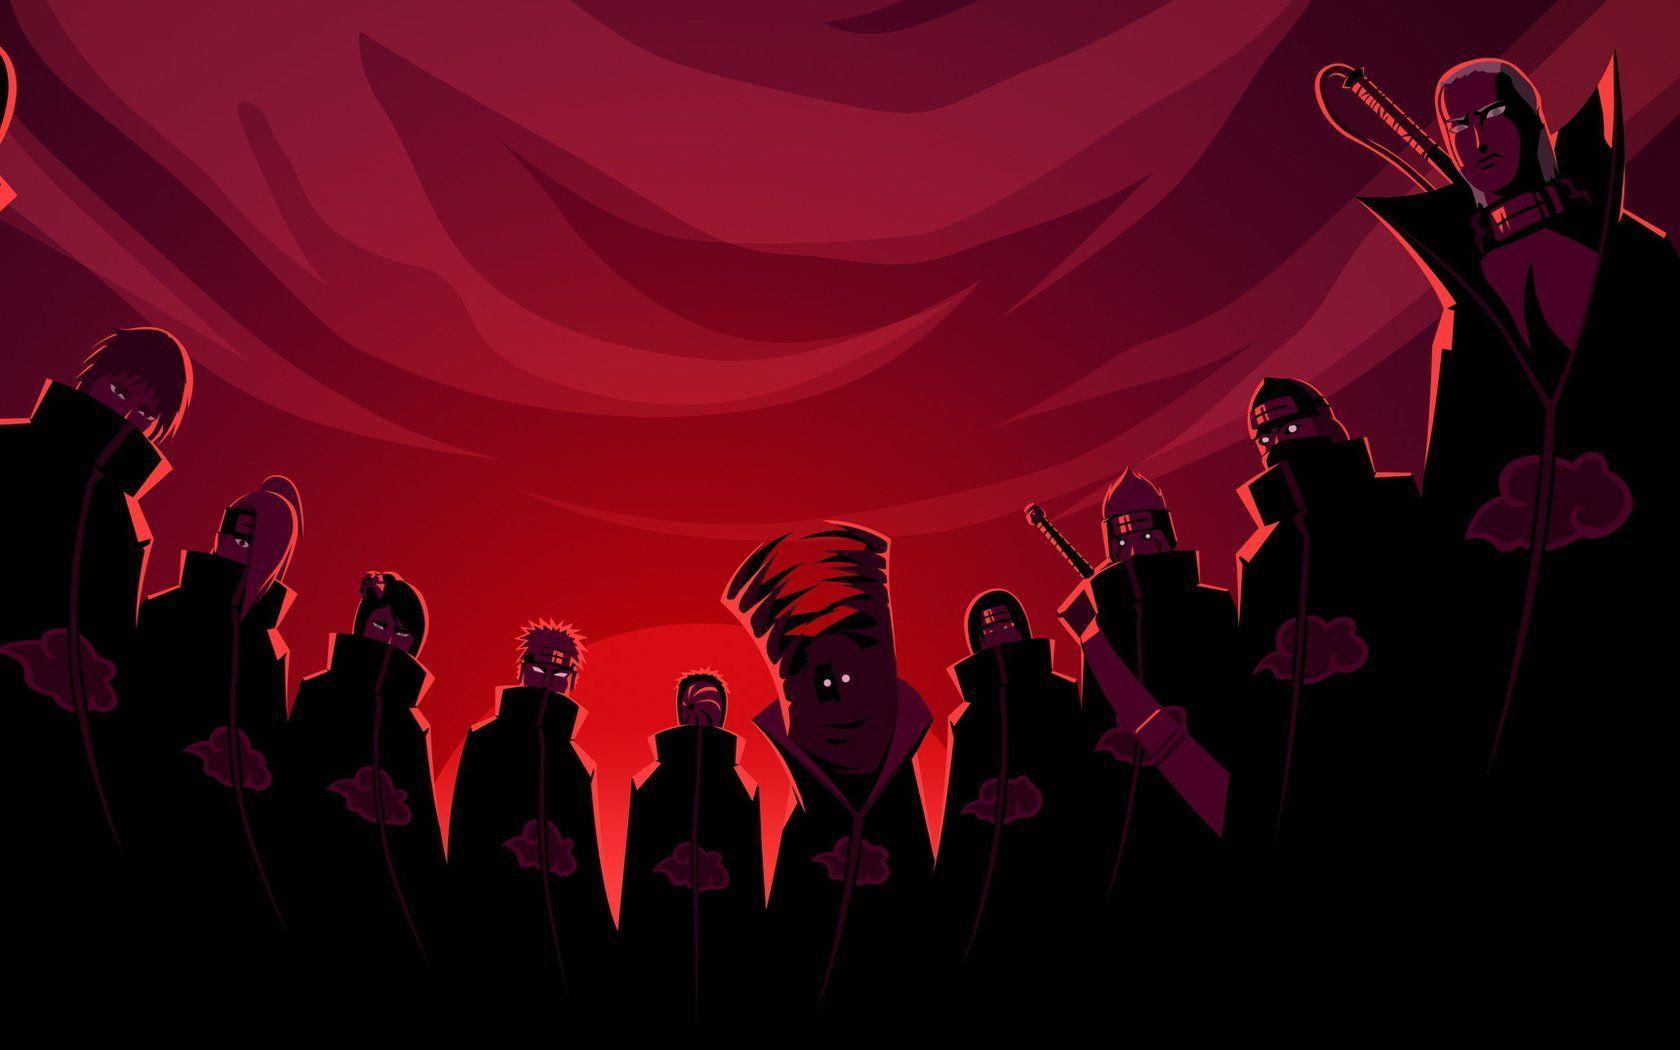 Jiraiya Naruto HD Wallpapers Backgrounds Wallpaper